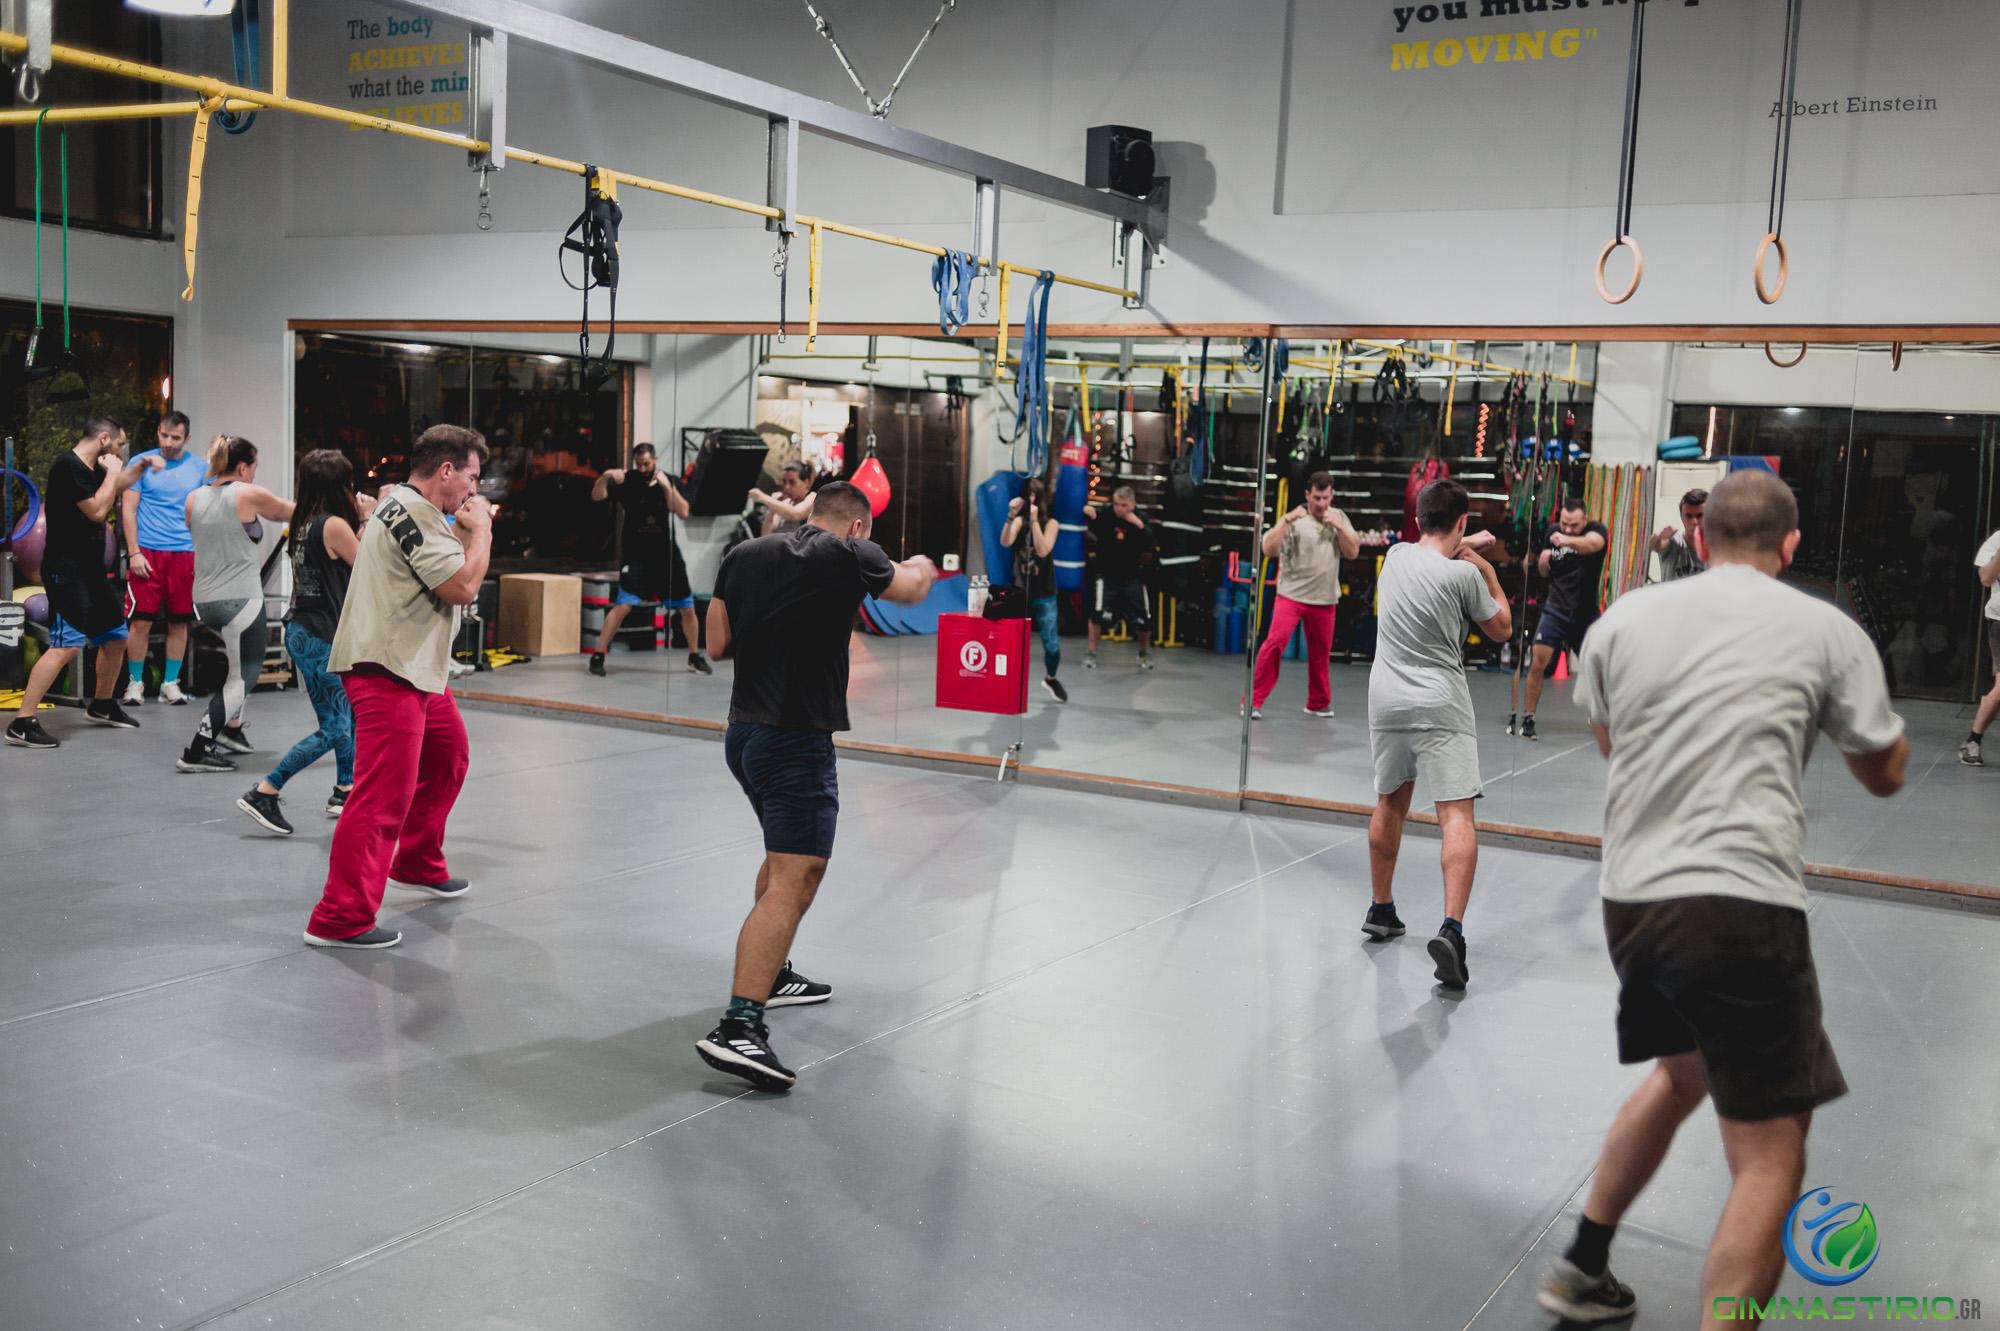 45€ για δύο (2) μήνες συνδρομή στο πρόγραμμα Boxing στο γυμναστήριο Caestus στη Νέα Ιωνία! Αρχικής αξίας 130€ - Έκπτωση 65%